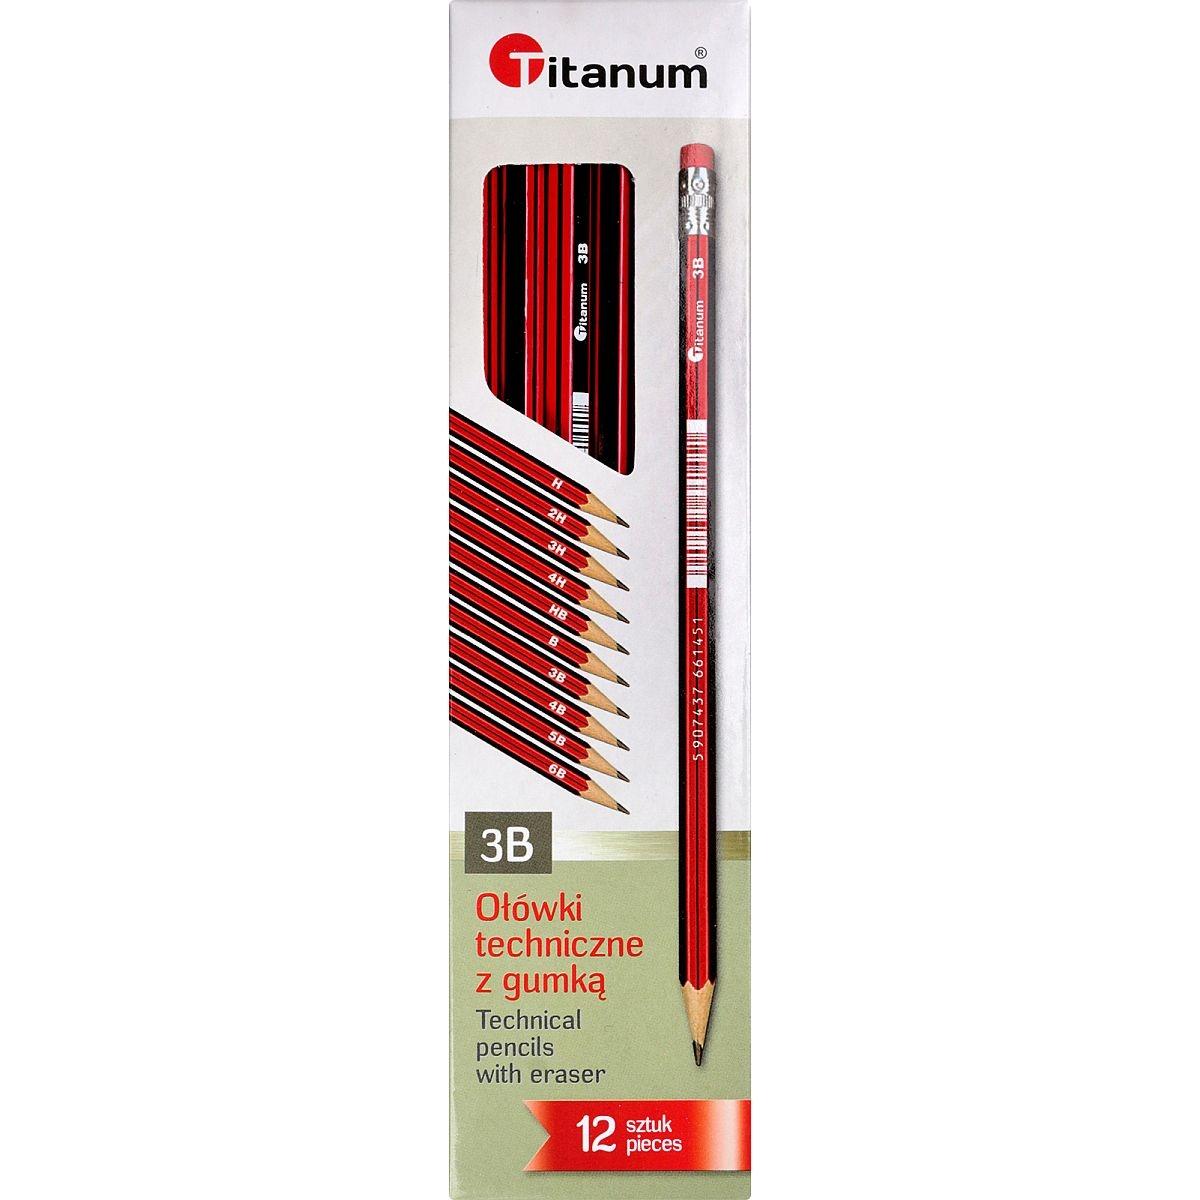 Ołówek techniczny Titanum 3B z gumką - 12 sztuk (83725)